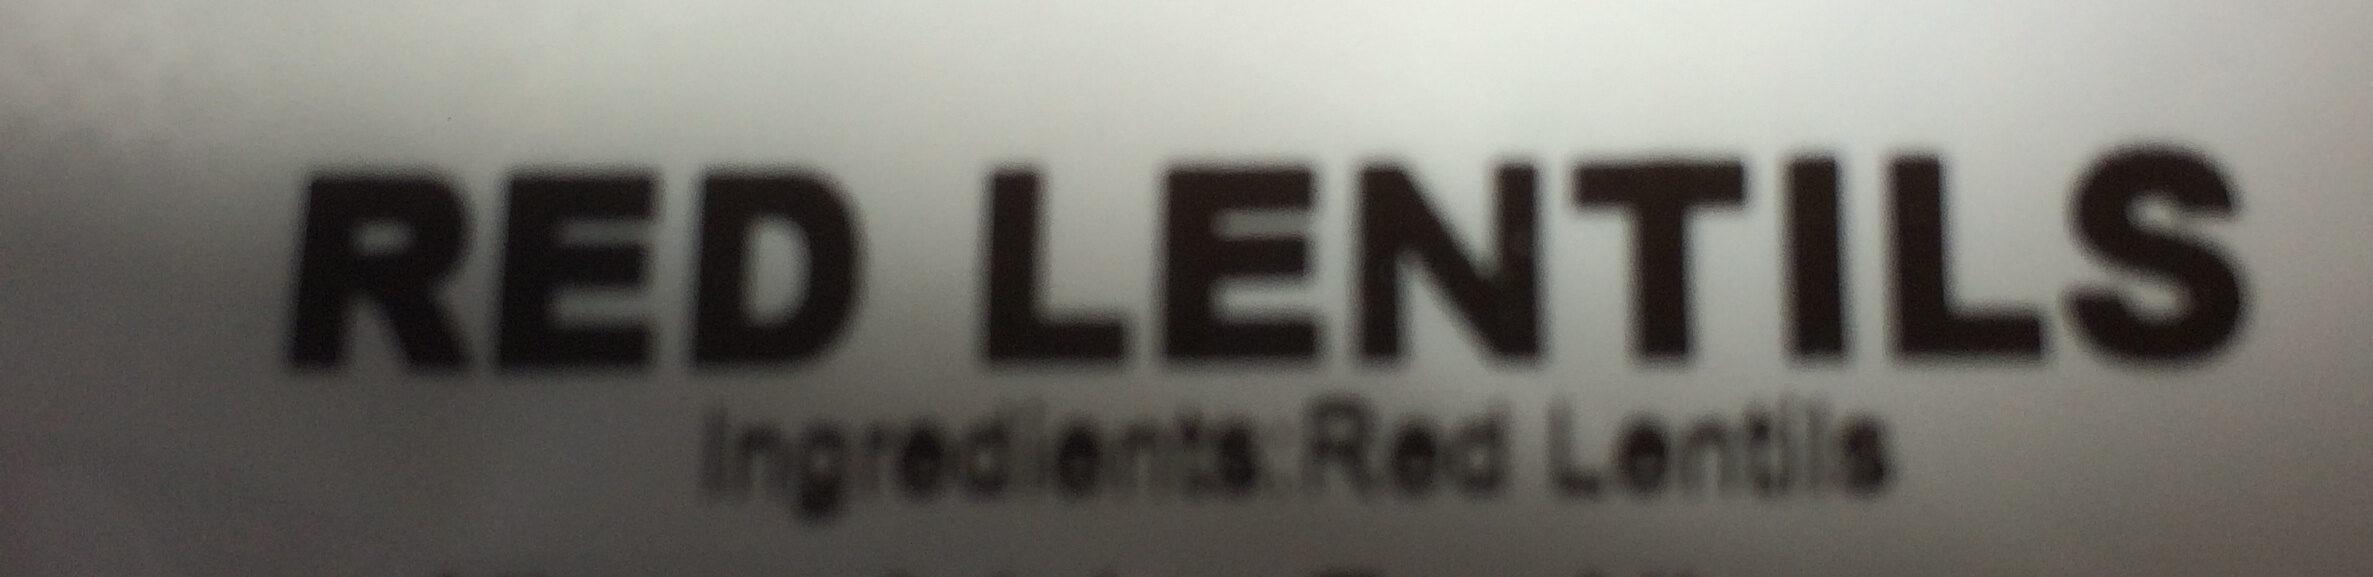 Red lentils - Ingredients